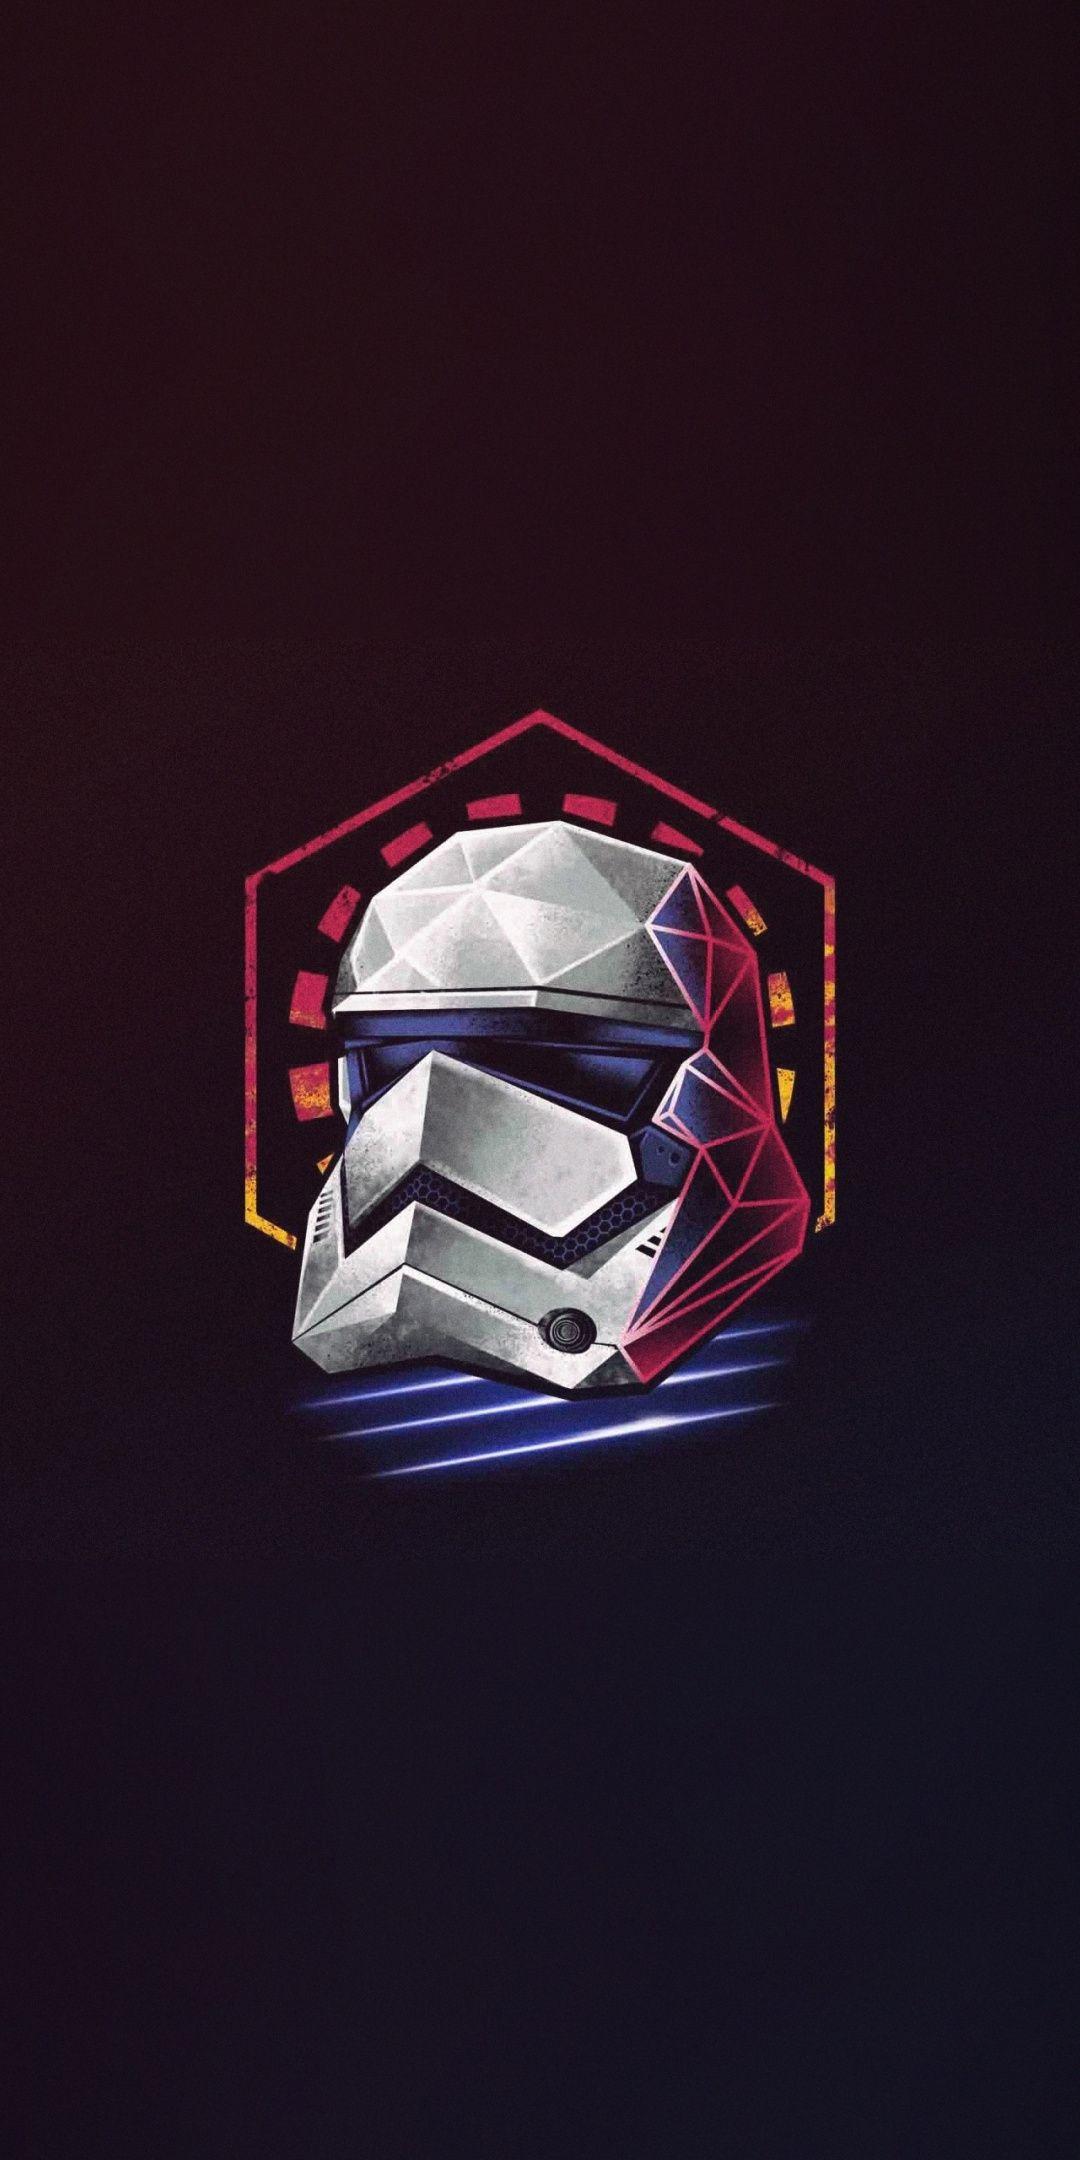 Minimal Star Wars Stormtrooper Helmet Artwork 1080x2160 Wallpaper Star Wars Art Star Wars Wallpaper Star Wars Images